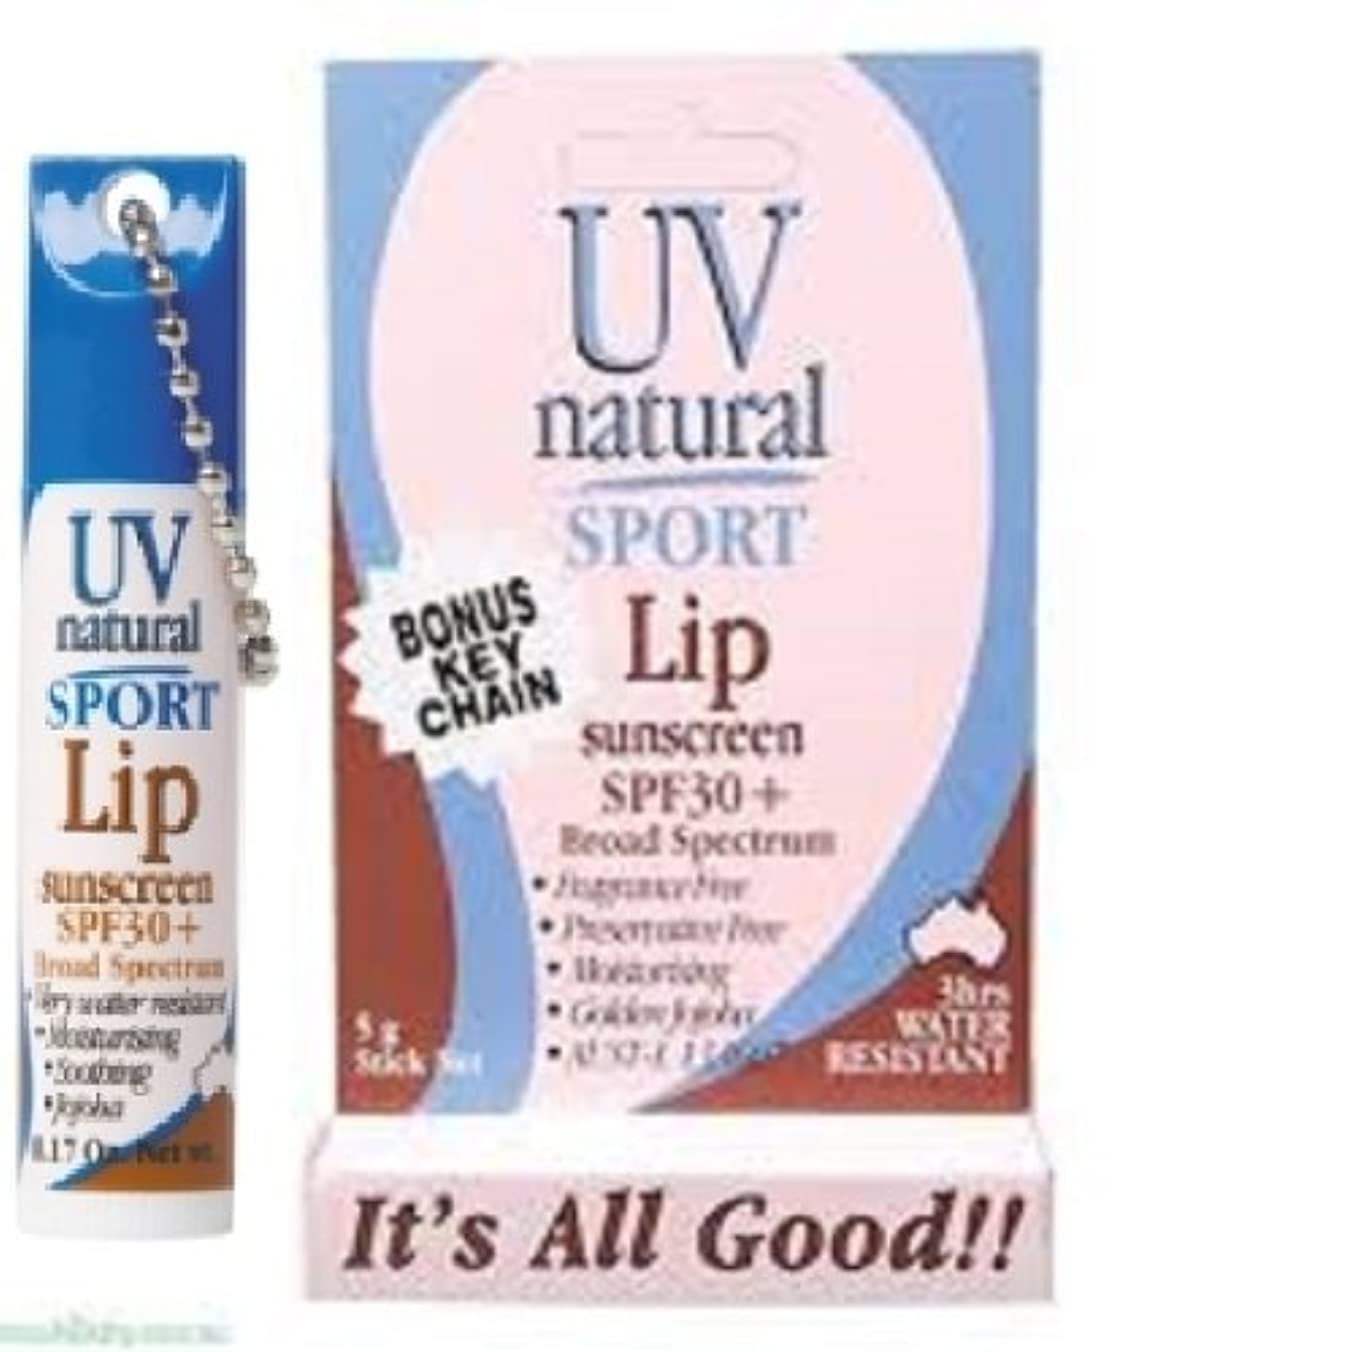 正気積分インターネット【UV NATURAL】Lip Sunscreen 日焼け止め Sport SPF30+ 5g 3本セット